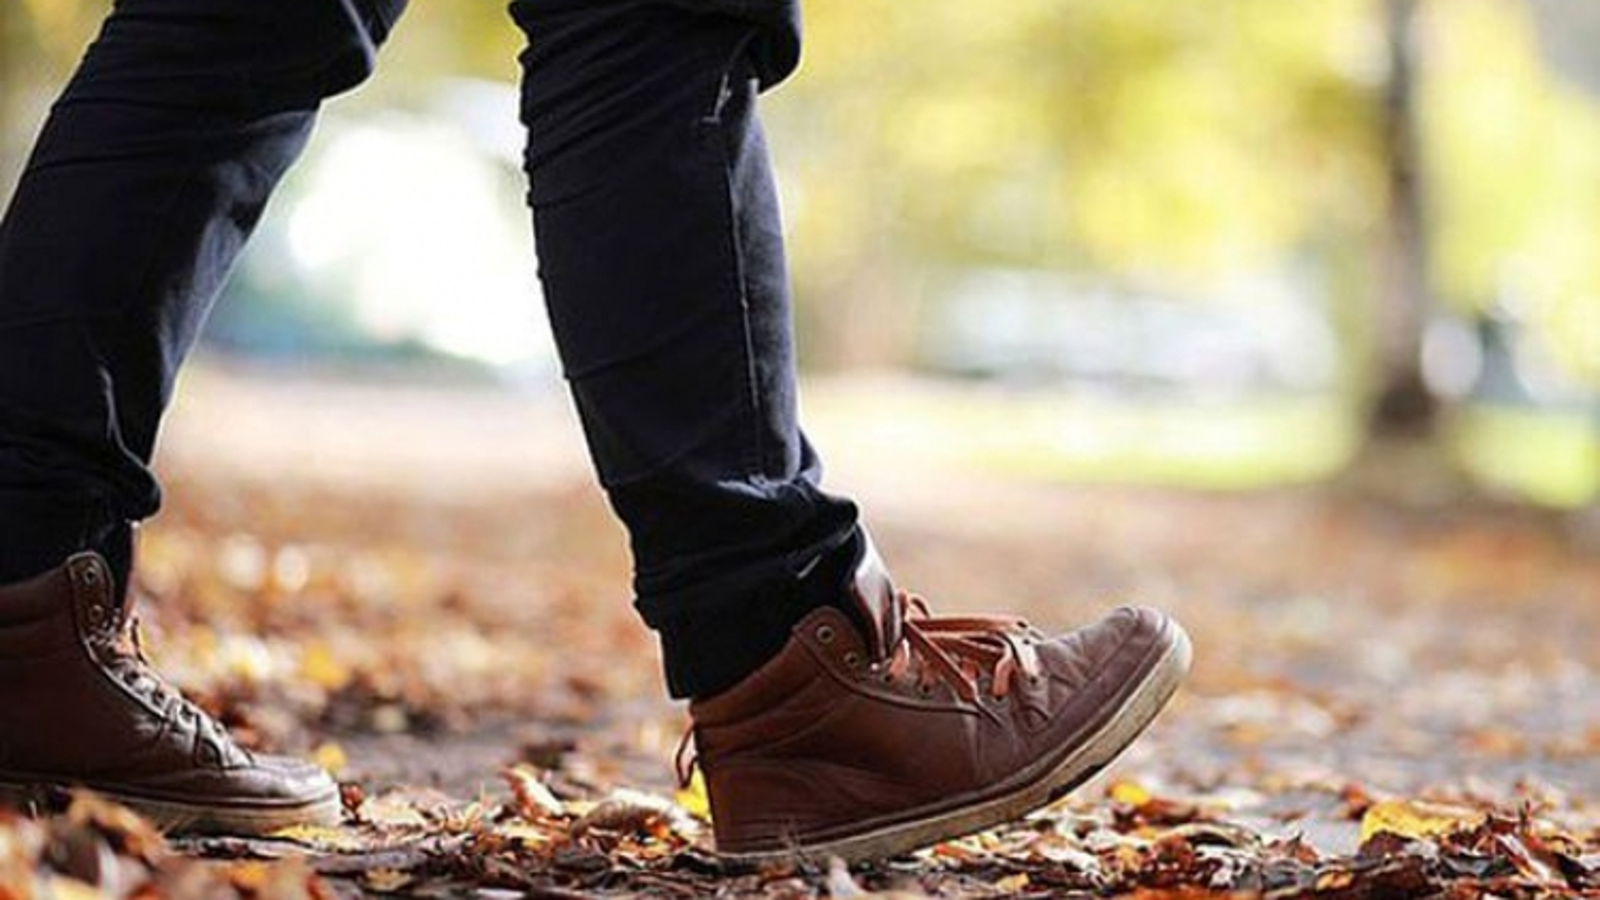 Đi bộ 10.000 bước mỗi ngày là tốt nhất?